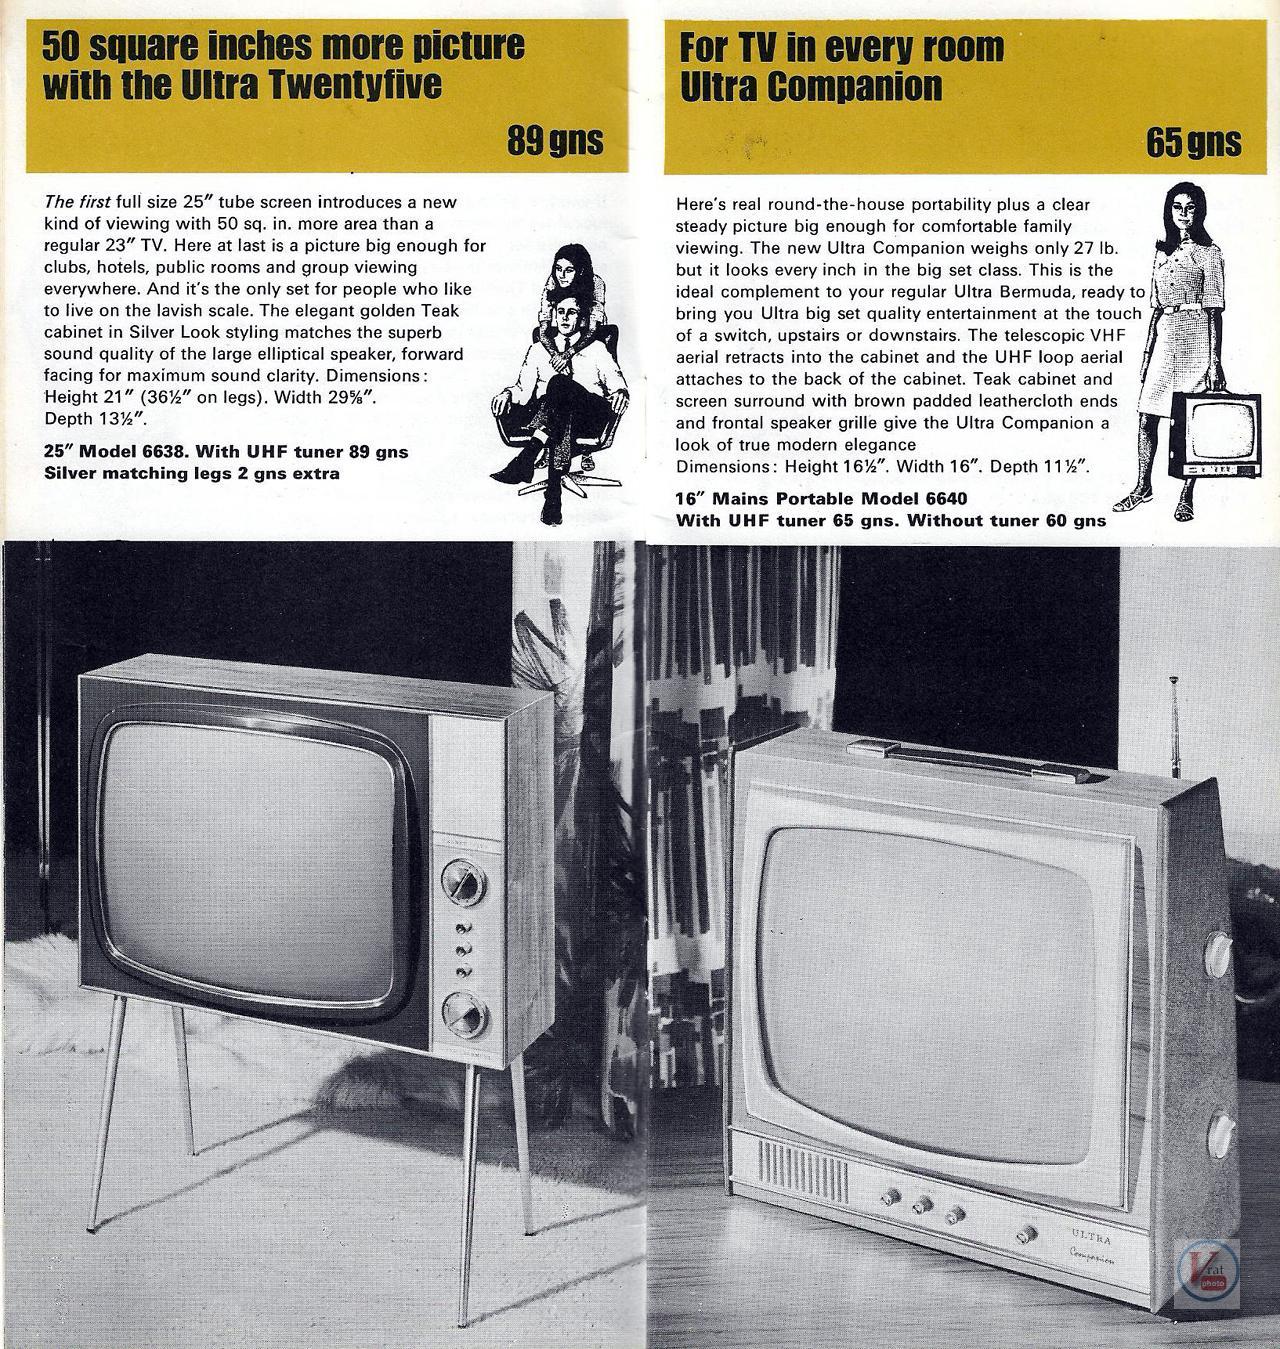 Ultra Black & White TV's 4